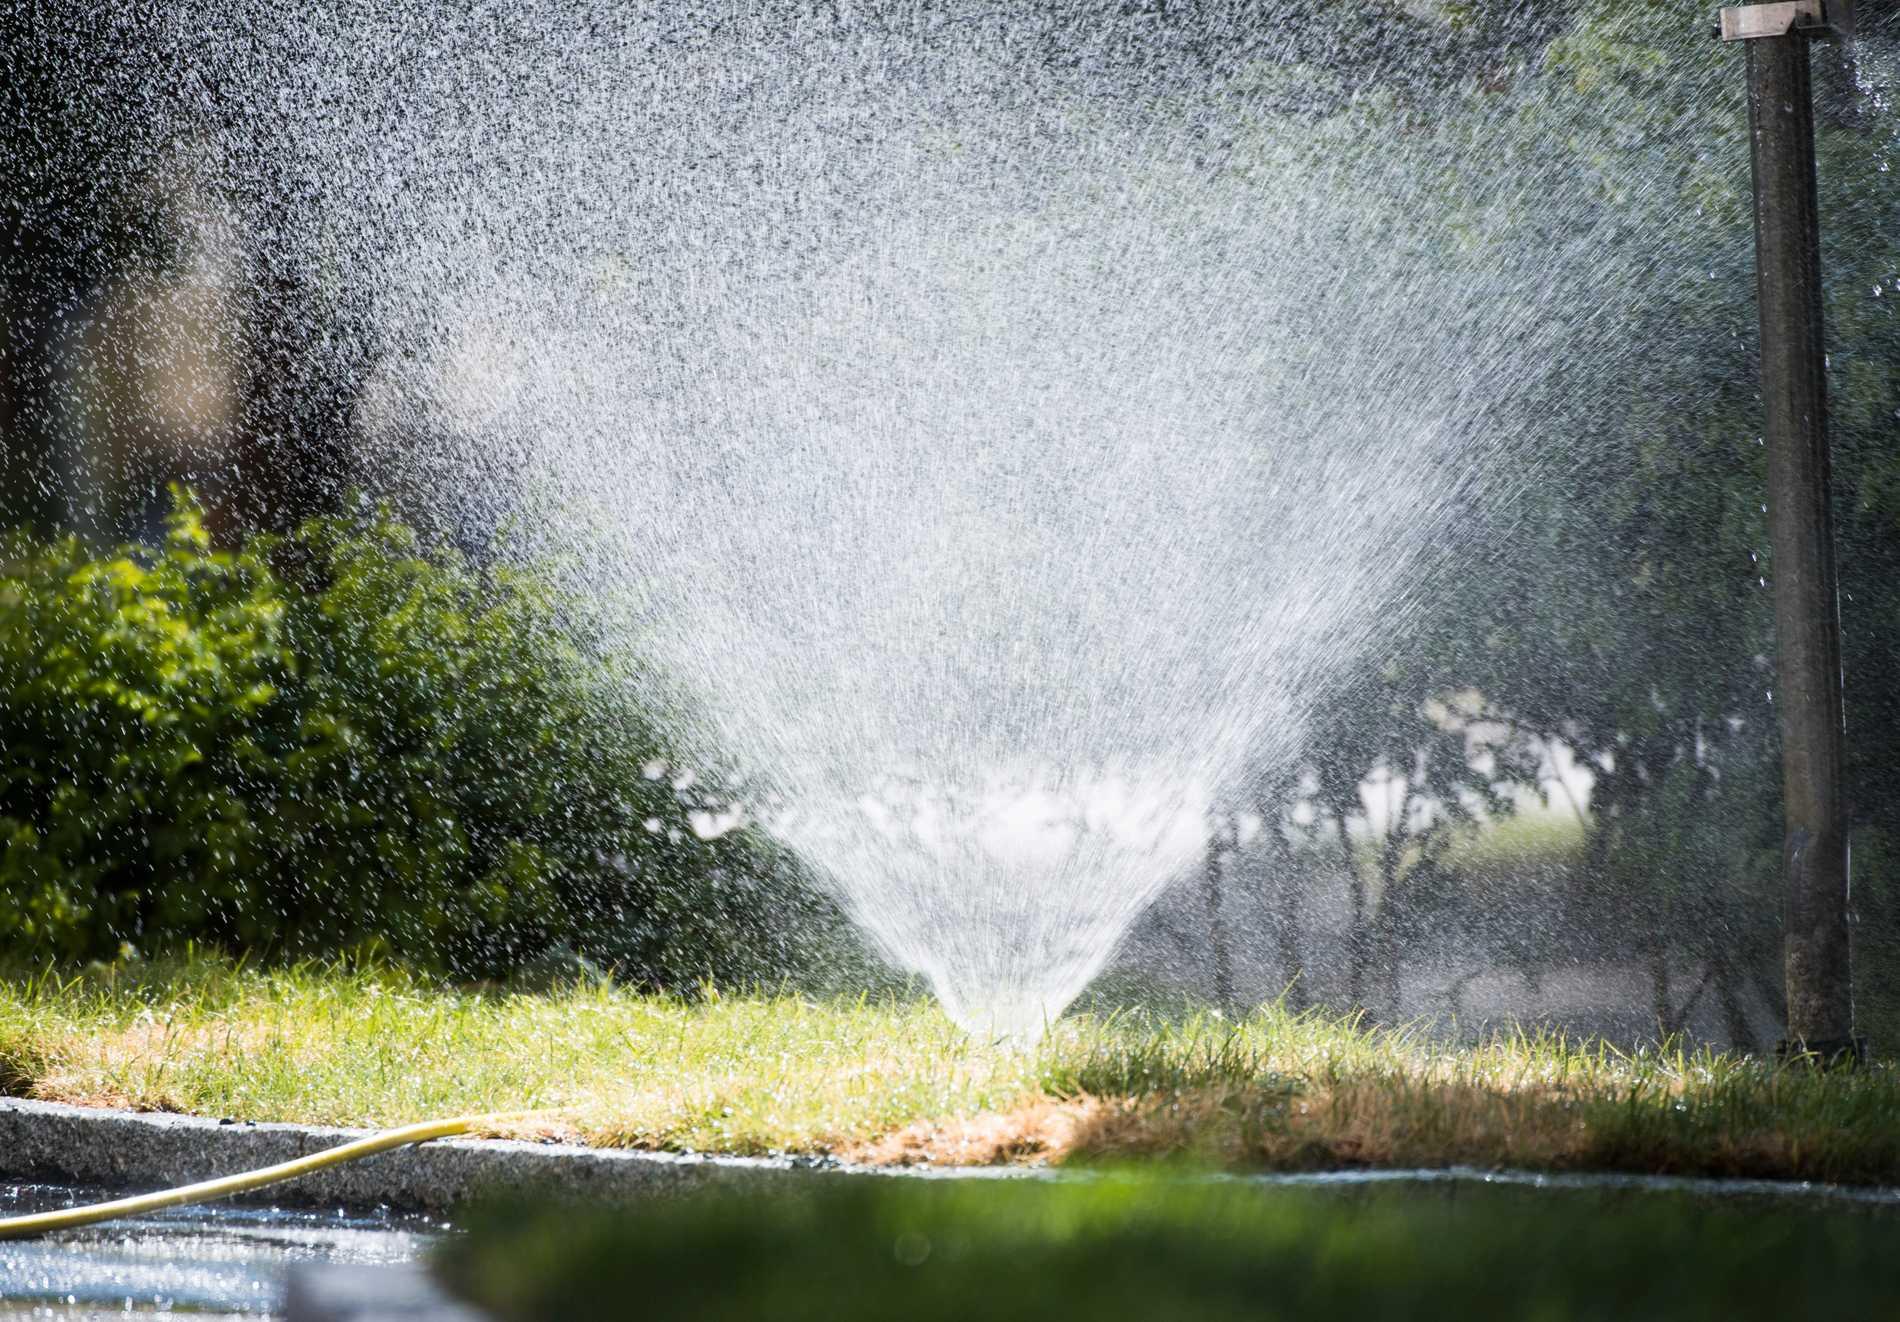 Invånarna i Bålsta och Åstorp får inte längre slösa på vattnet, till exempel vattna sina gräsmattor. Arkivbild.